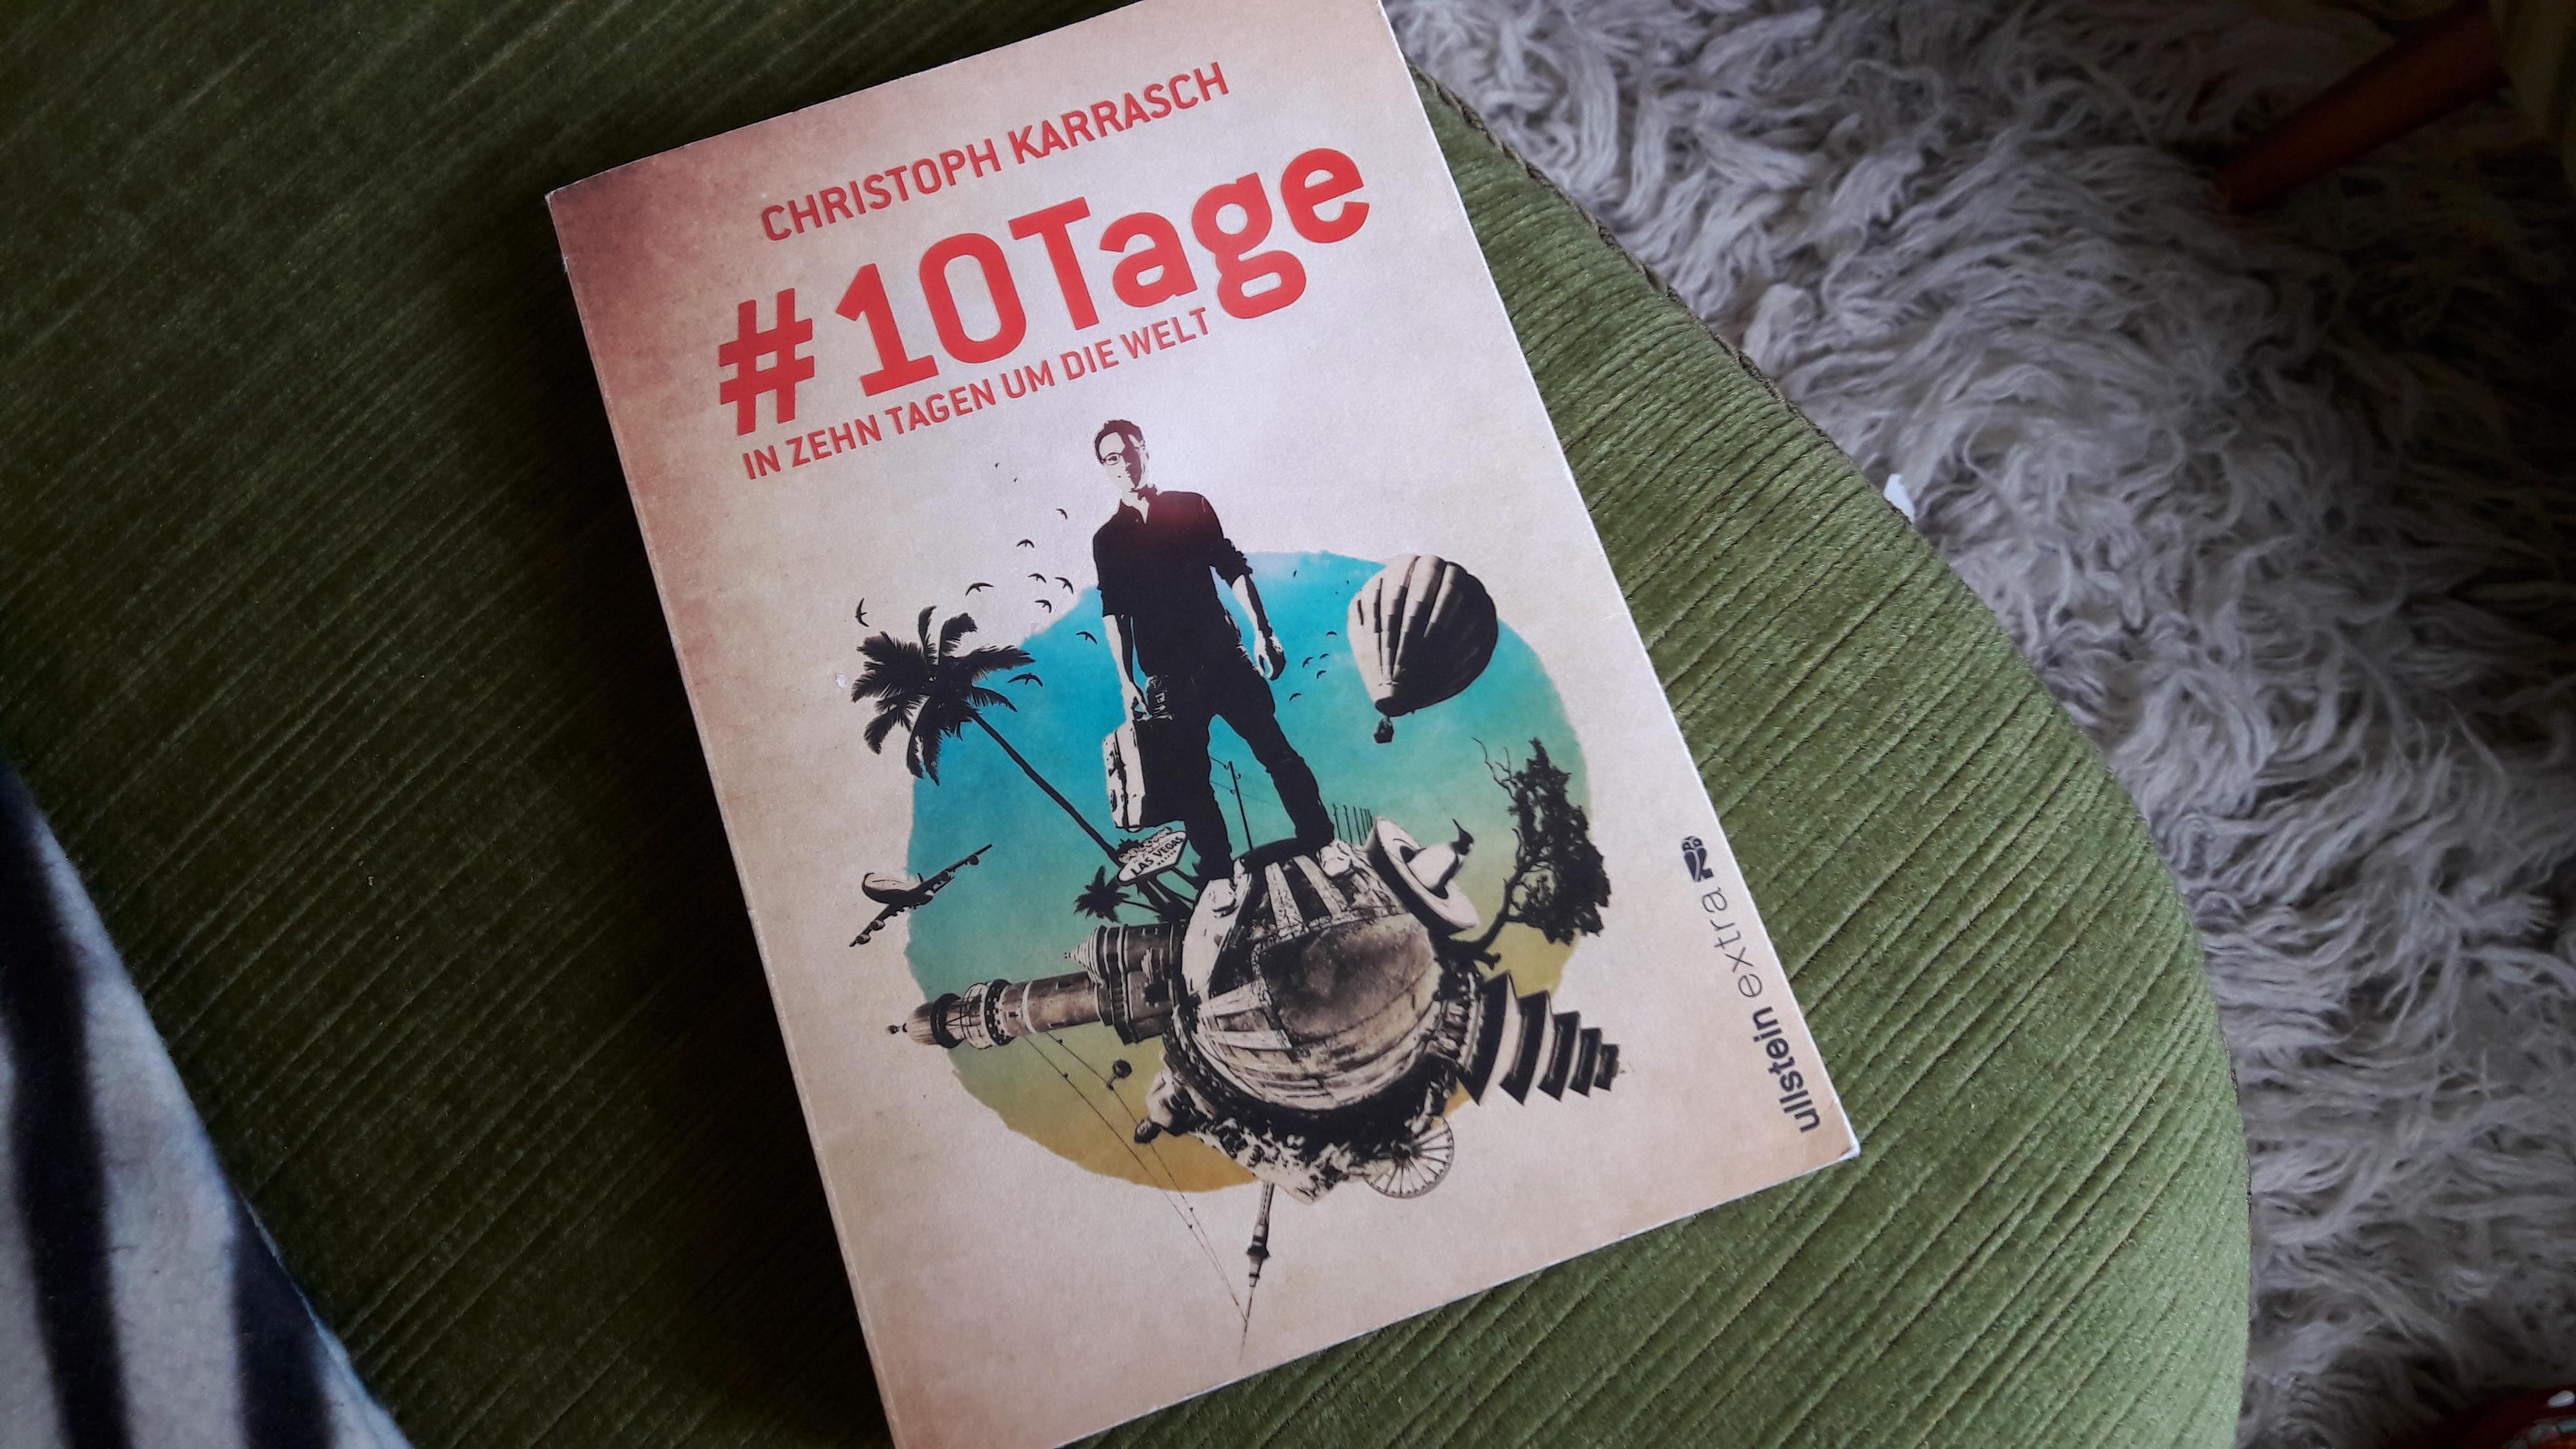 Gewinnspiel: #10Tage: In zehn Tagen um die Welt